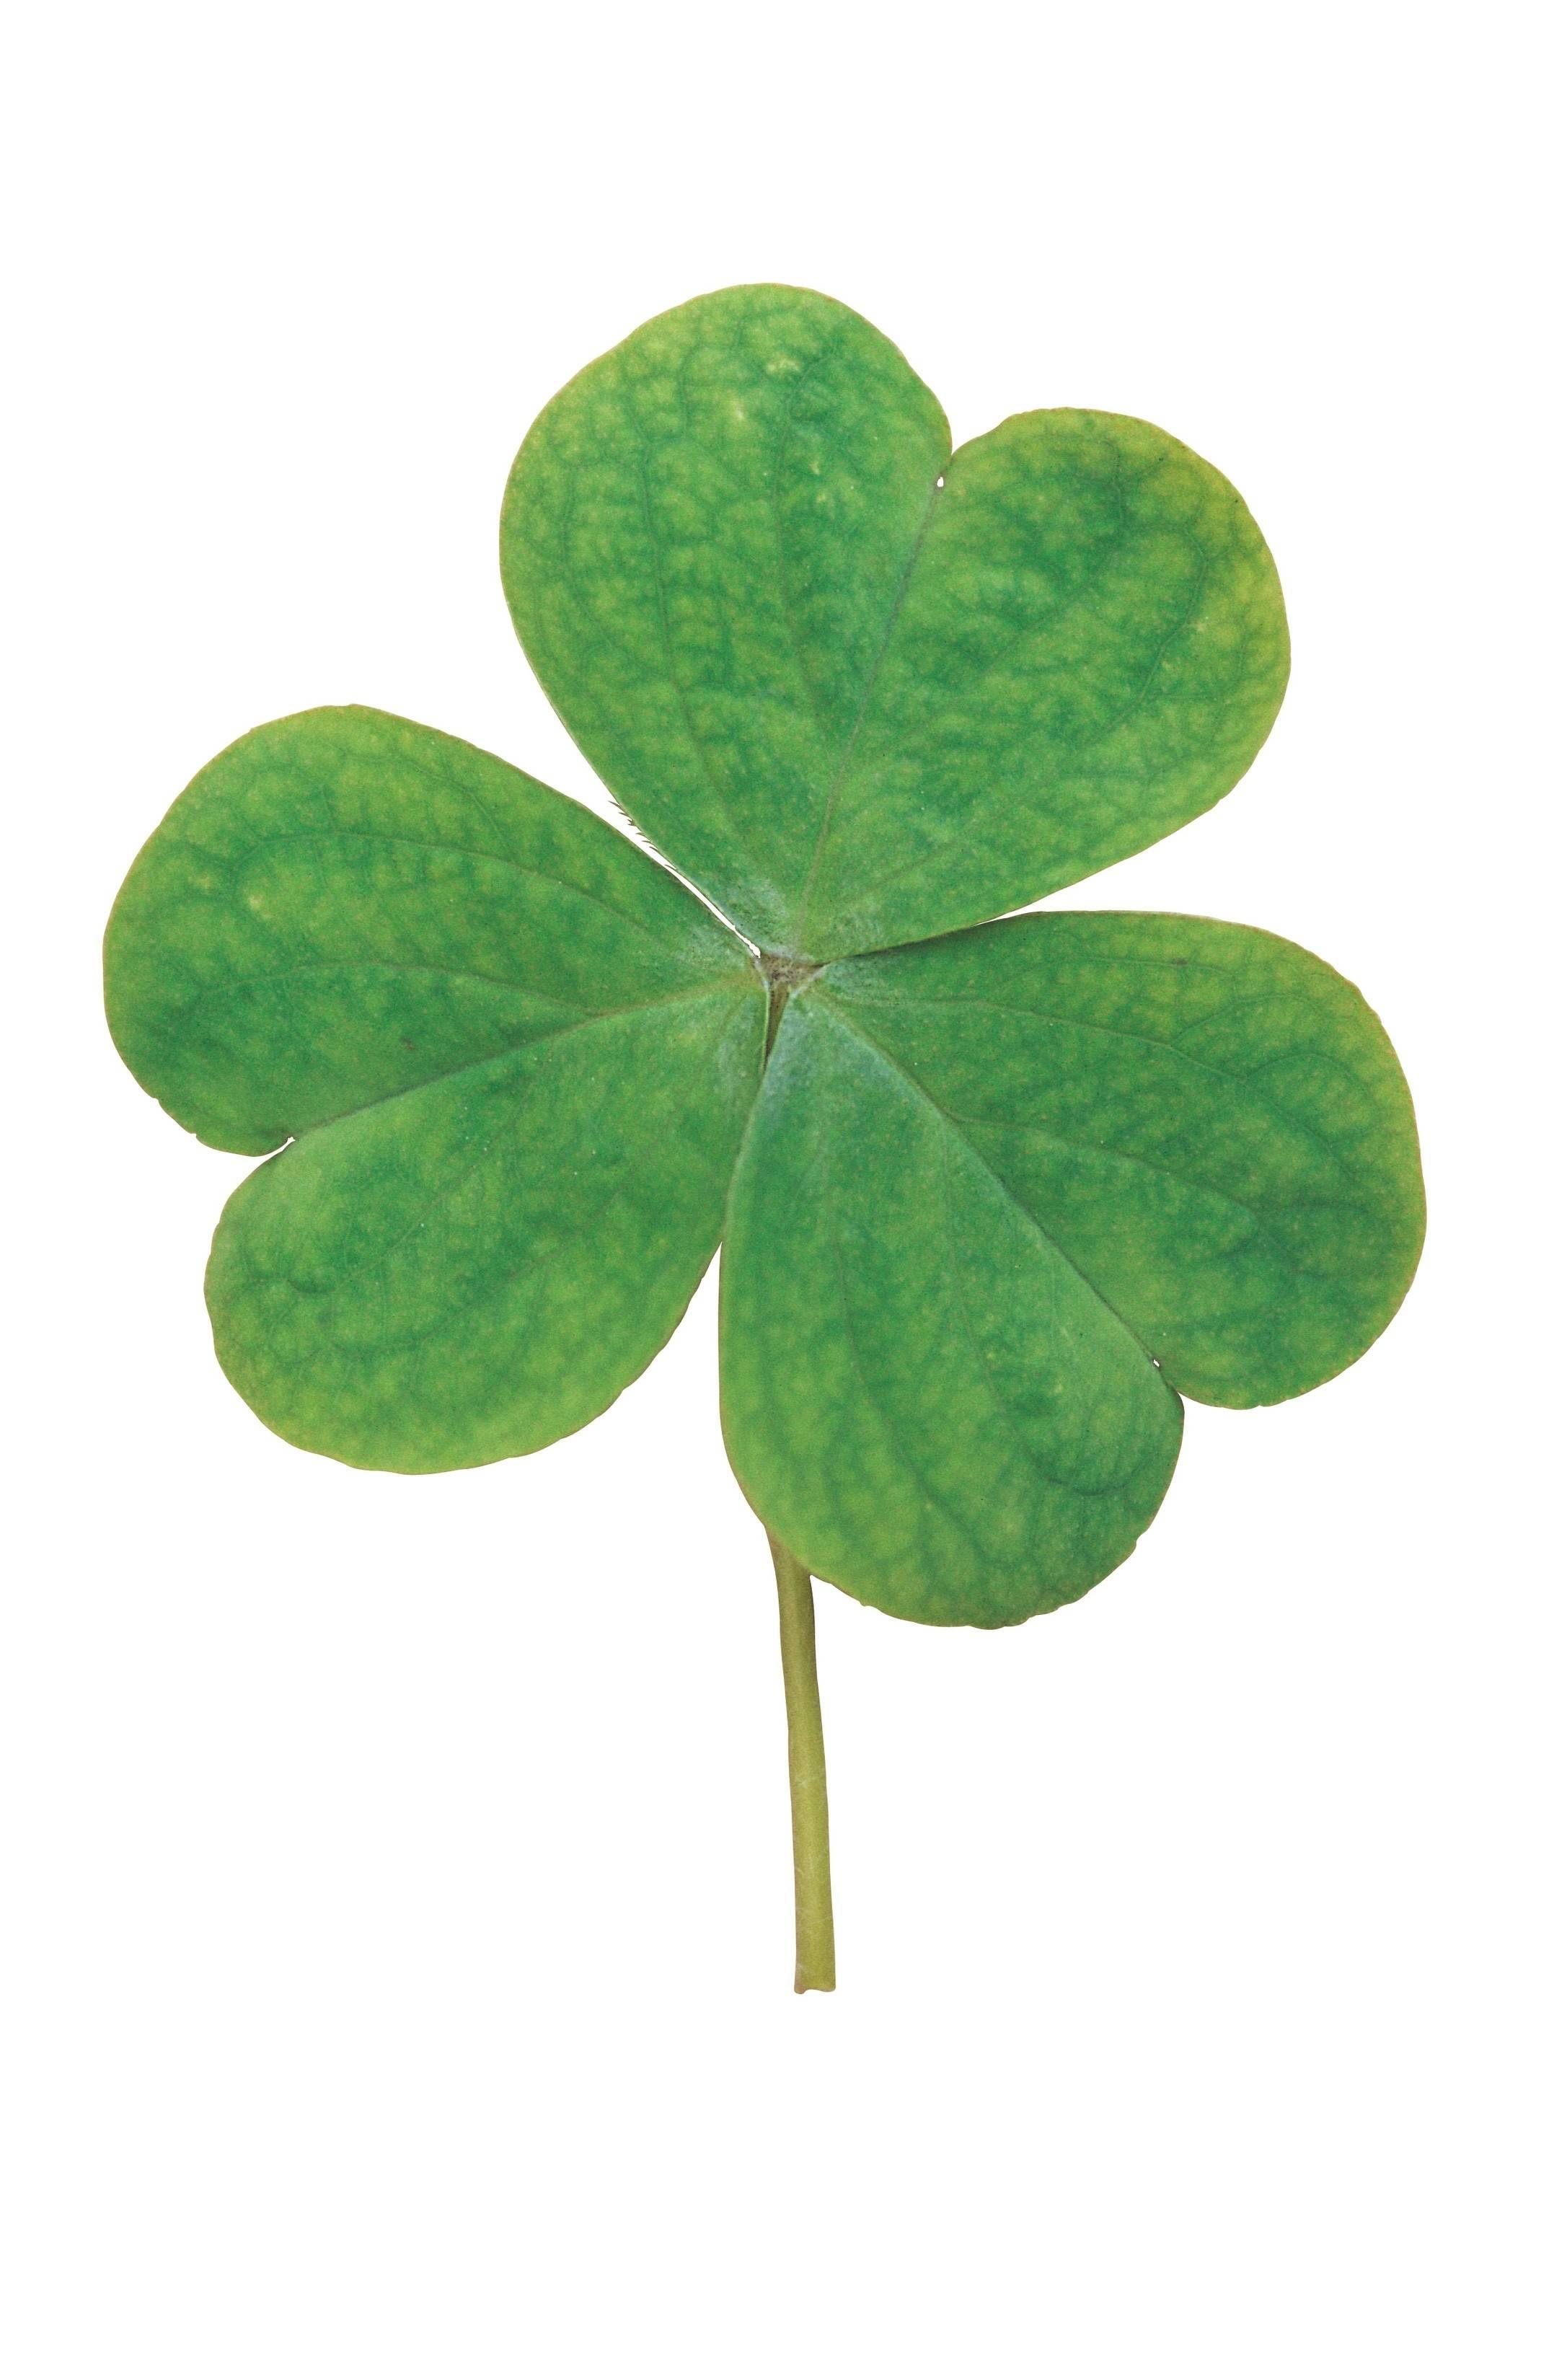 Recessive genes temperature produce four leaf clover